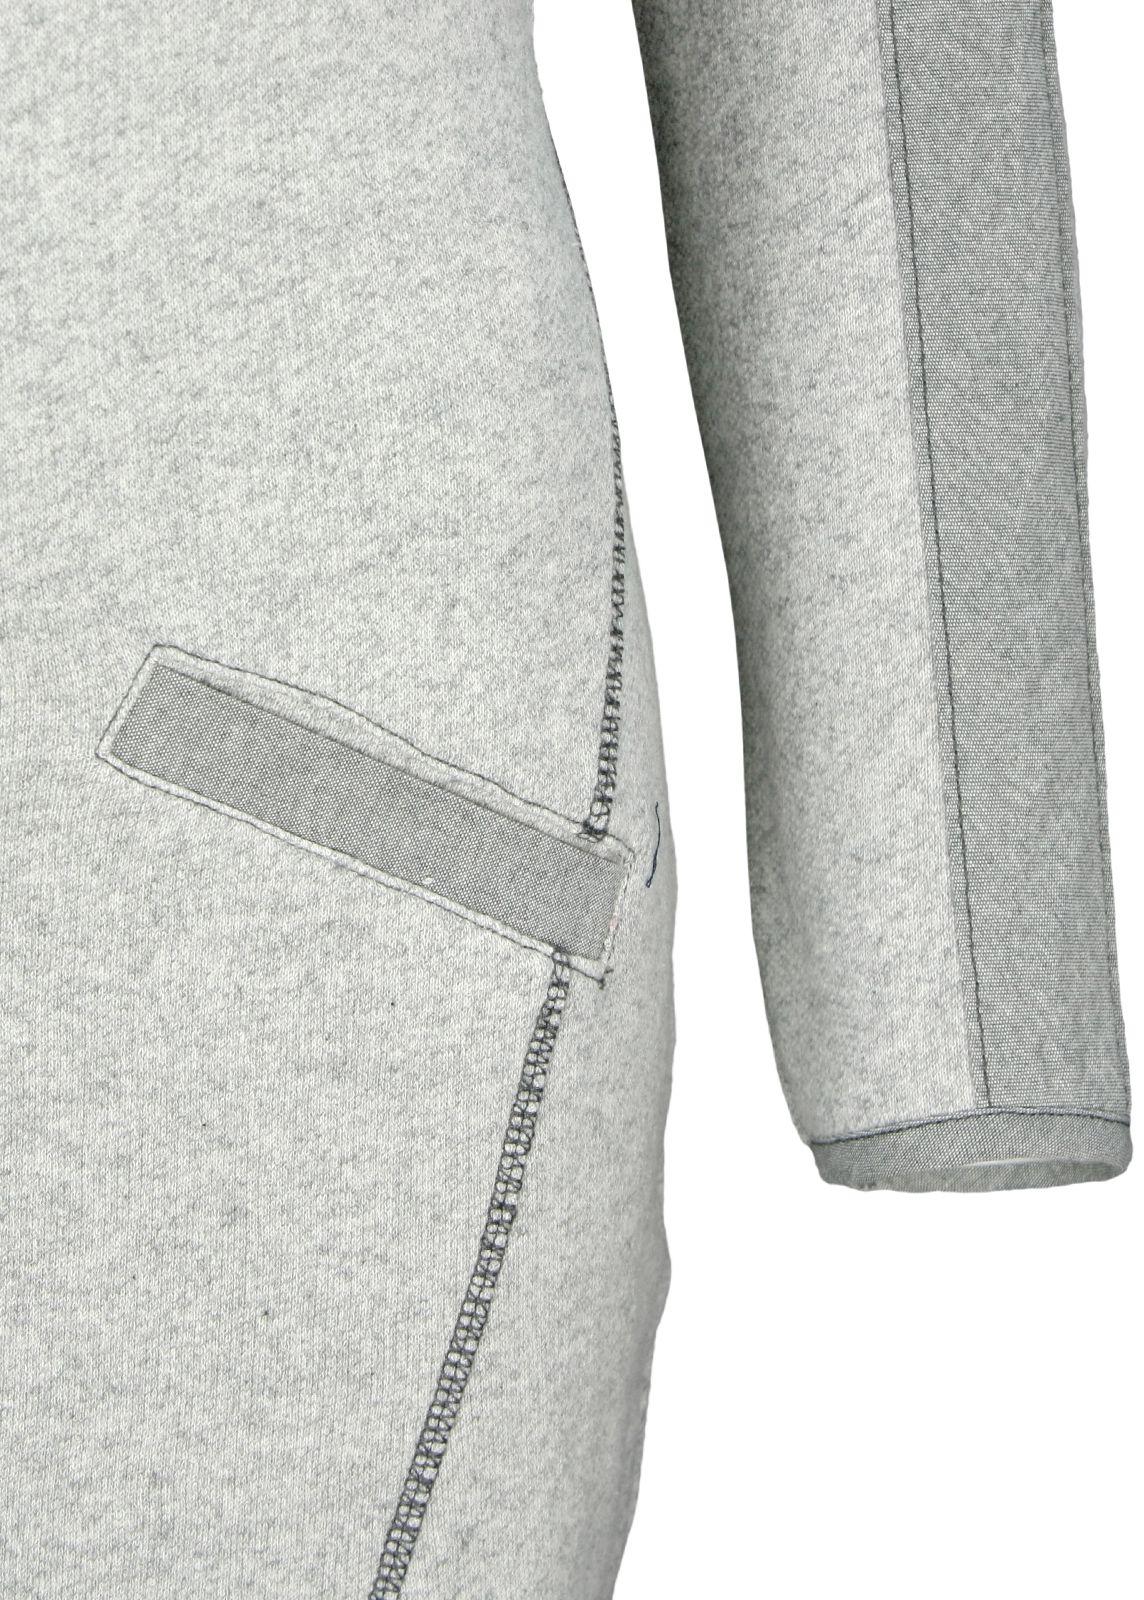 Yaya Kleid Sweat Dress Grau - fettebeute Online Shop